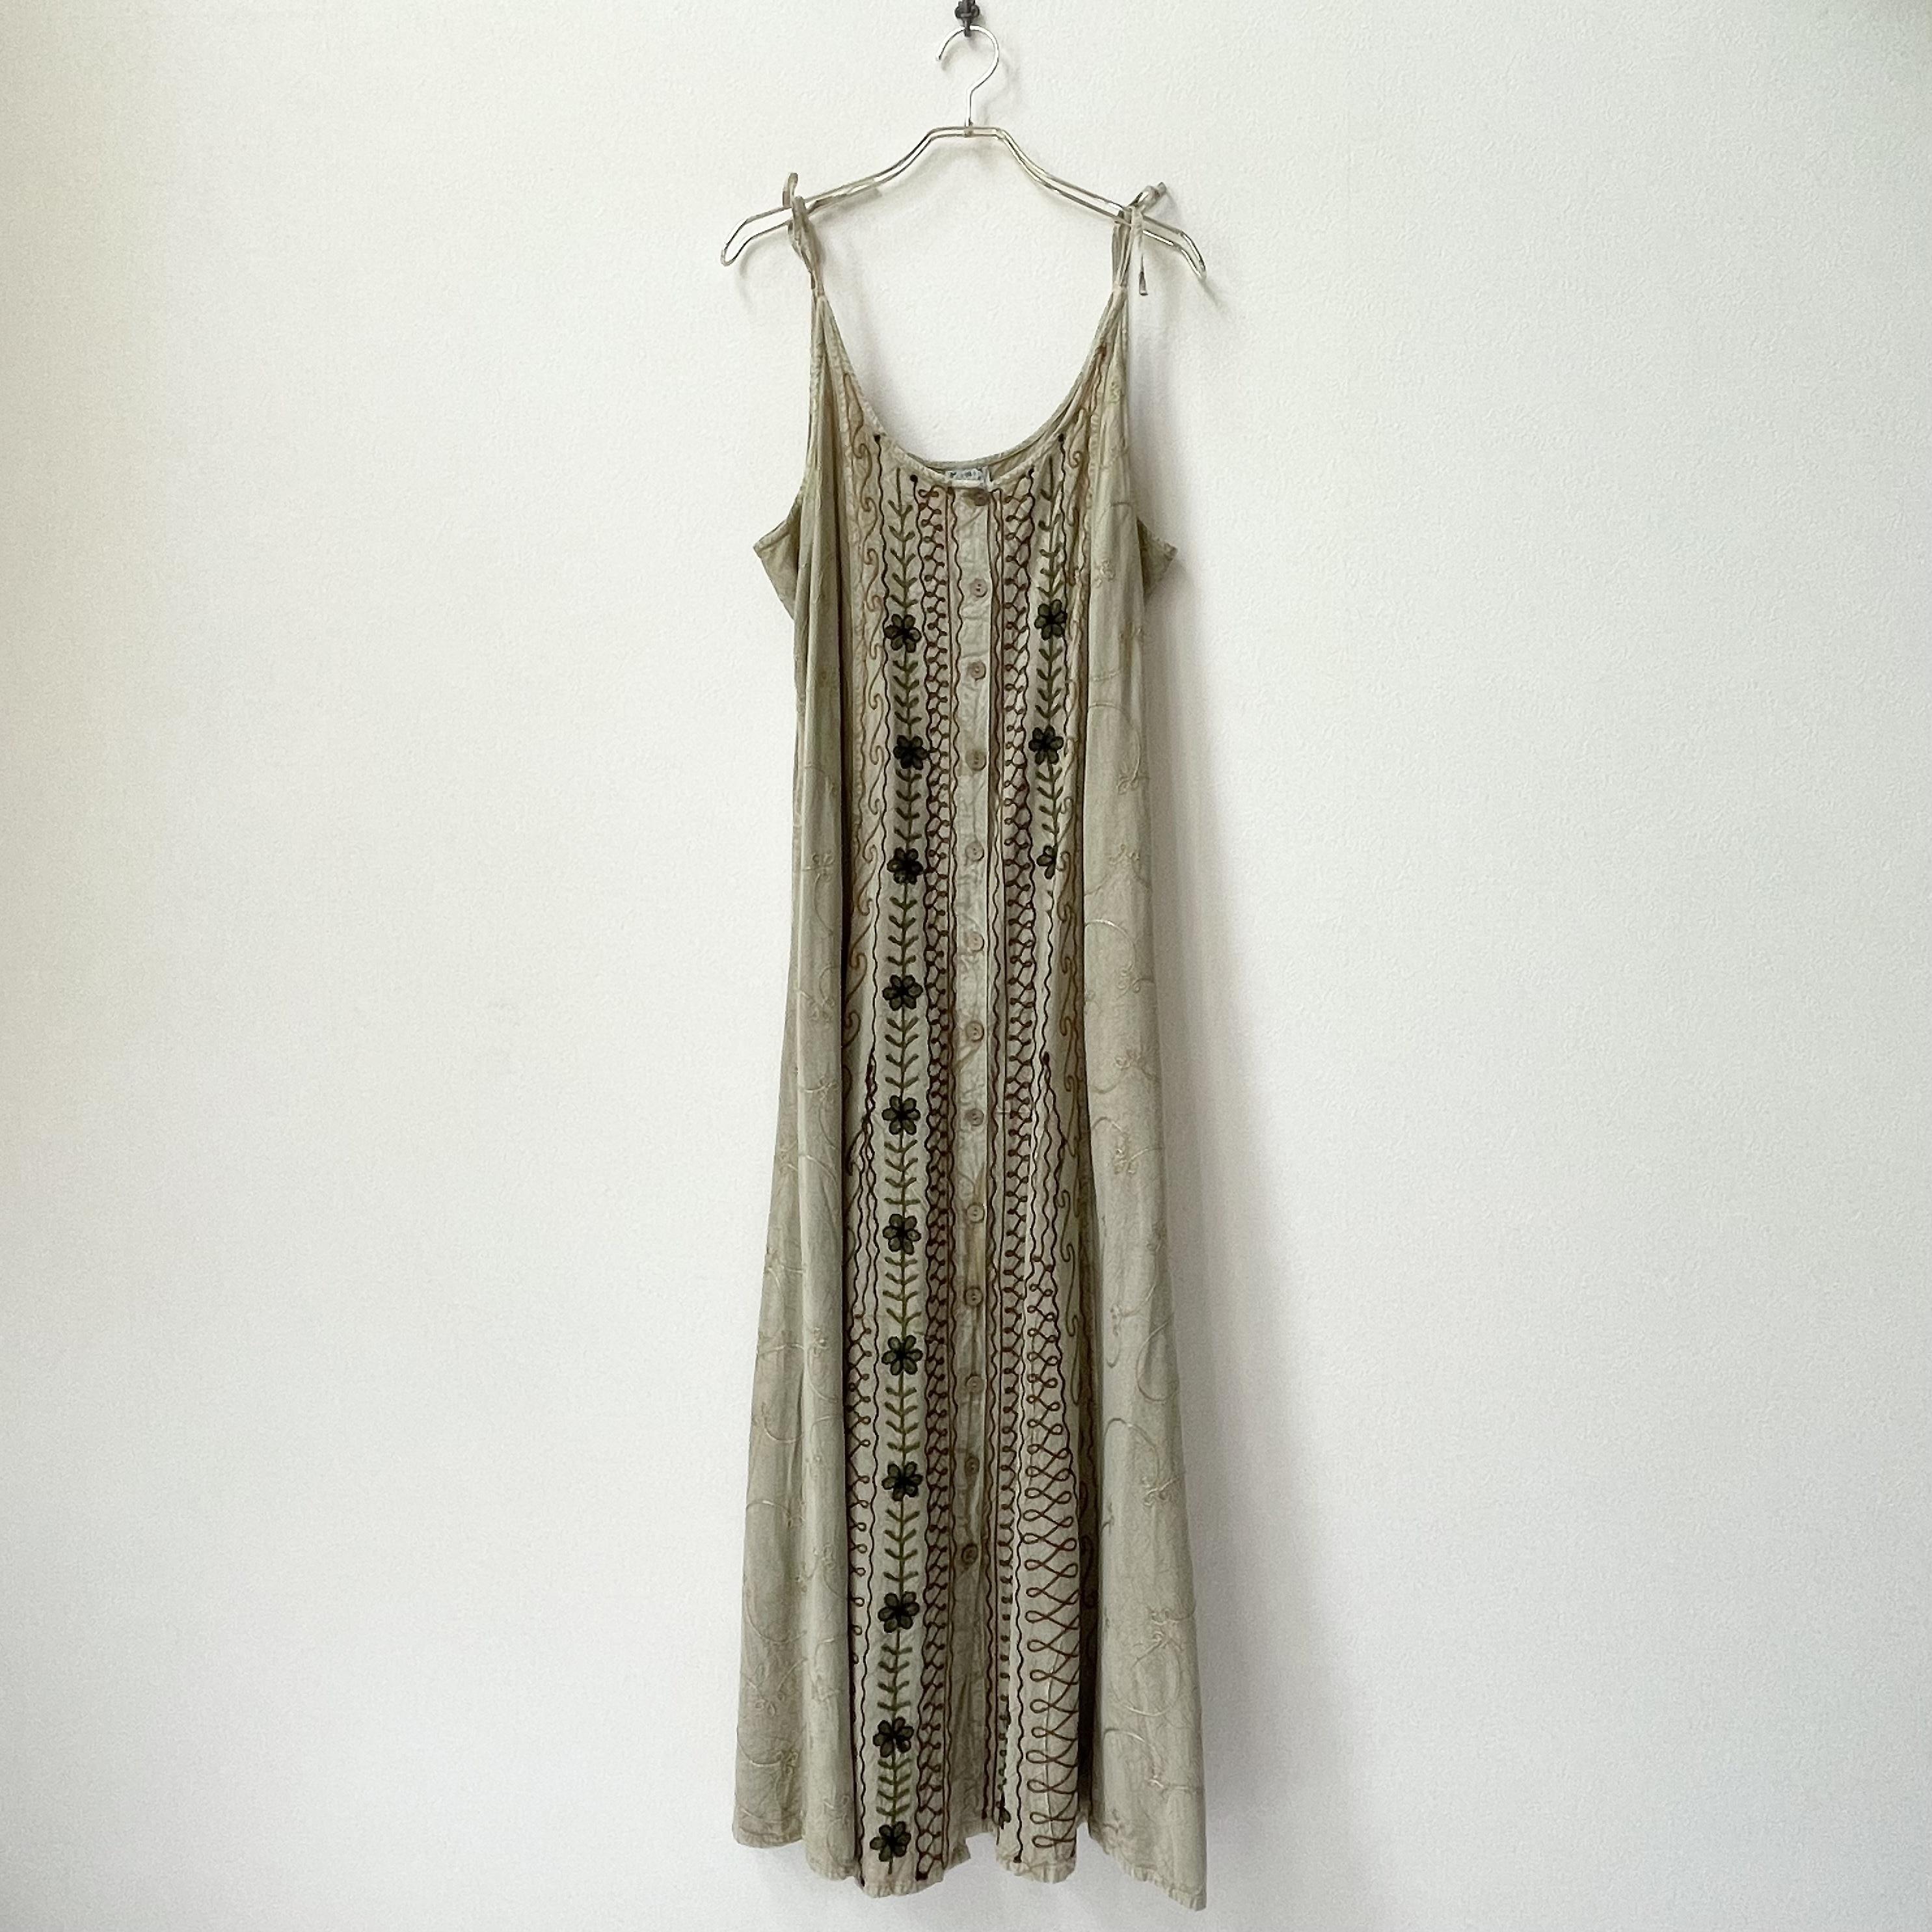 90年代 INDIA製 フラワー刺繍 キャミソール マキシワンピース アメリカ 古着 フリーサイズ